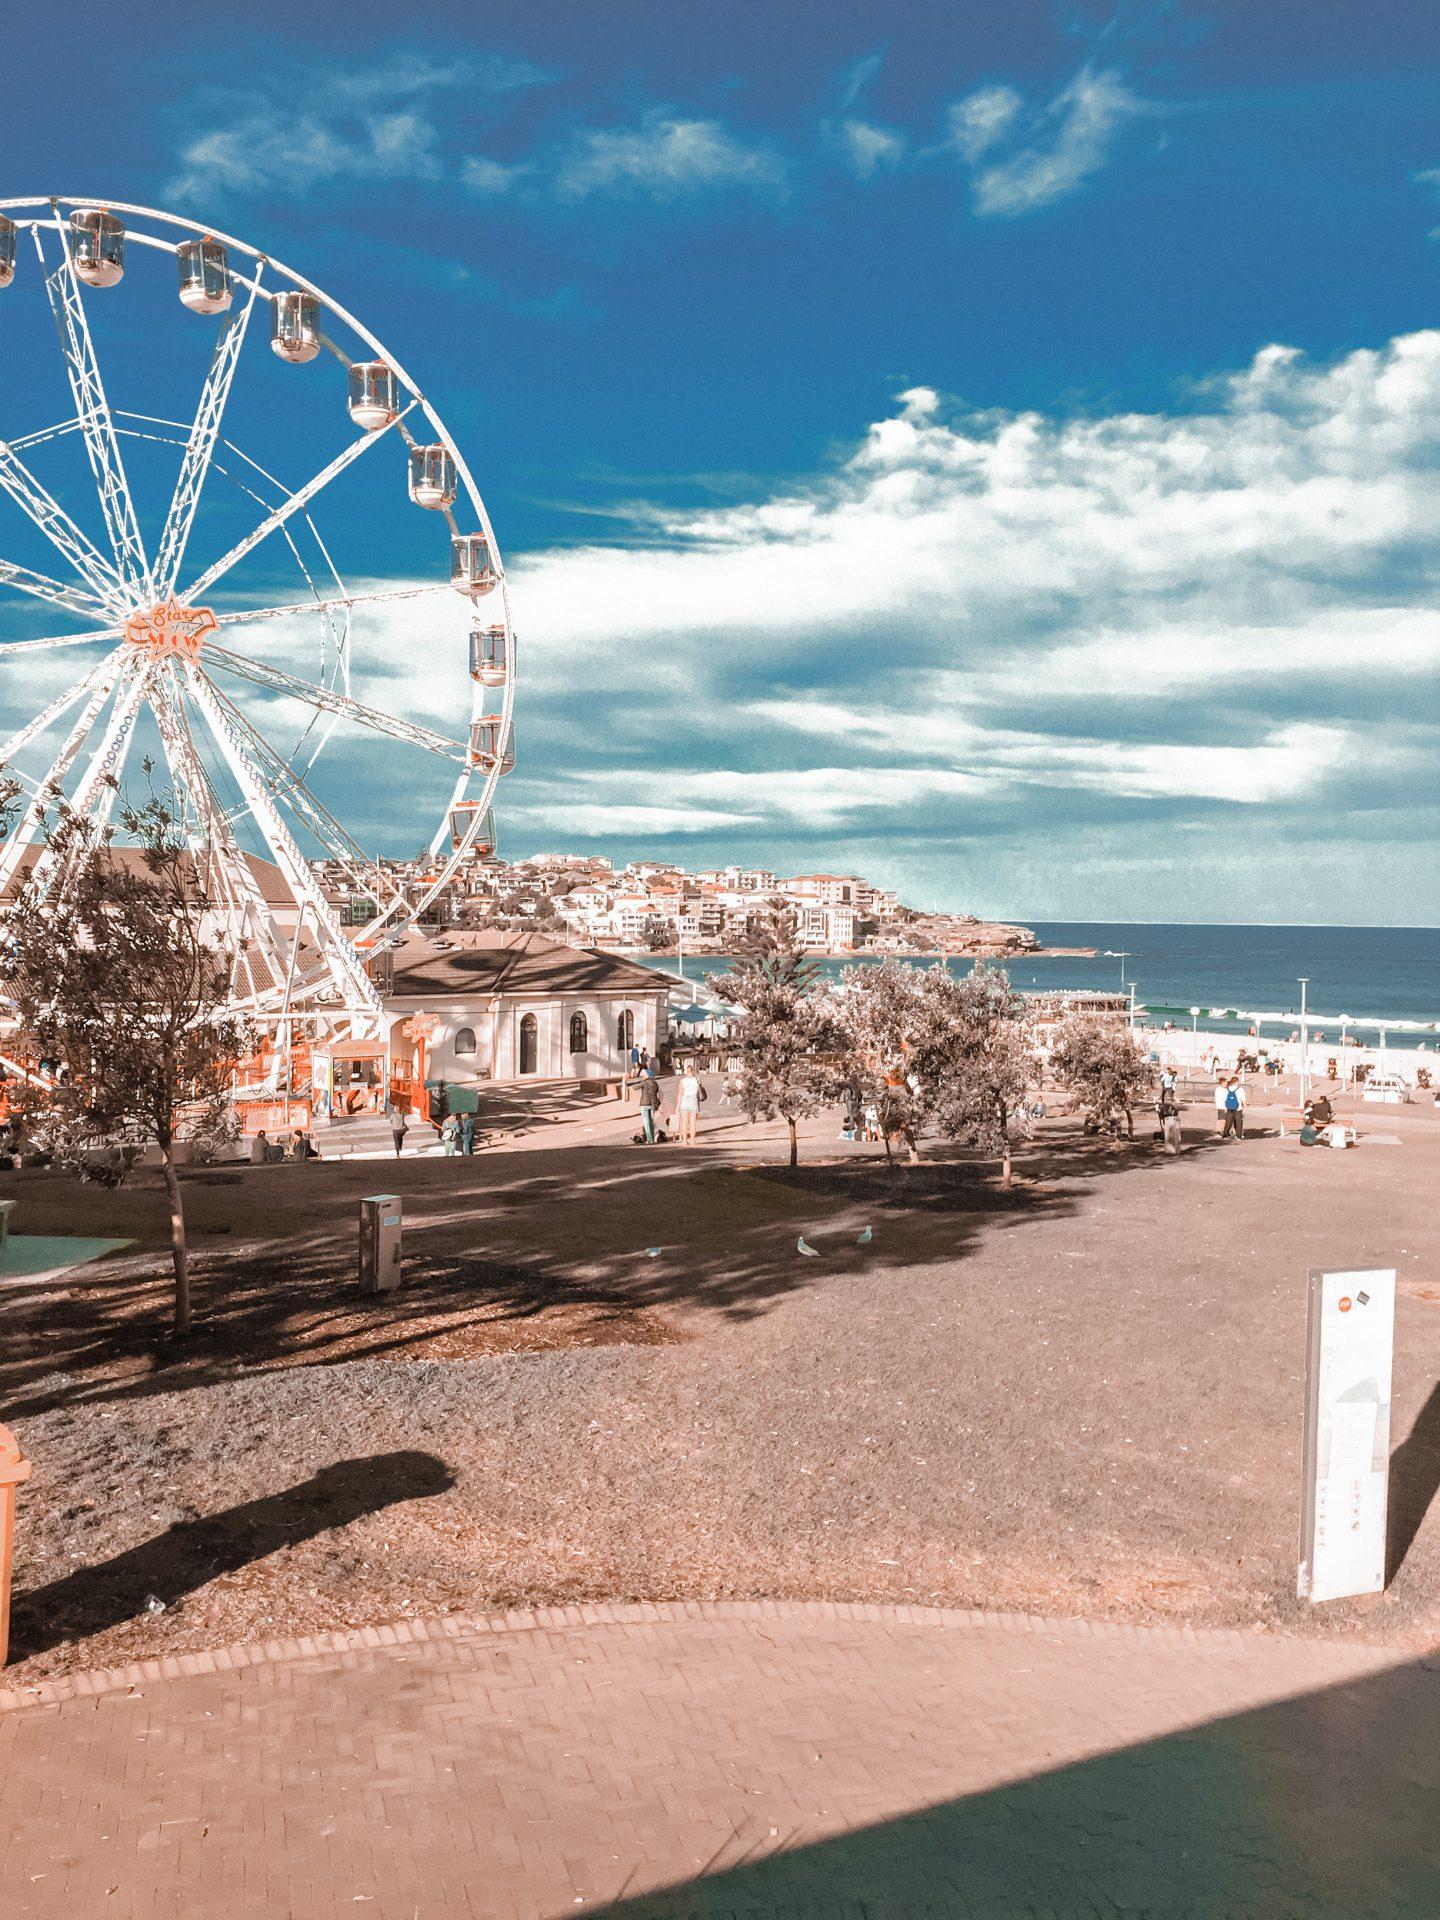 Carosello a Bondi Beach